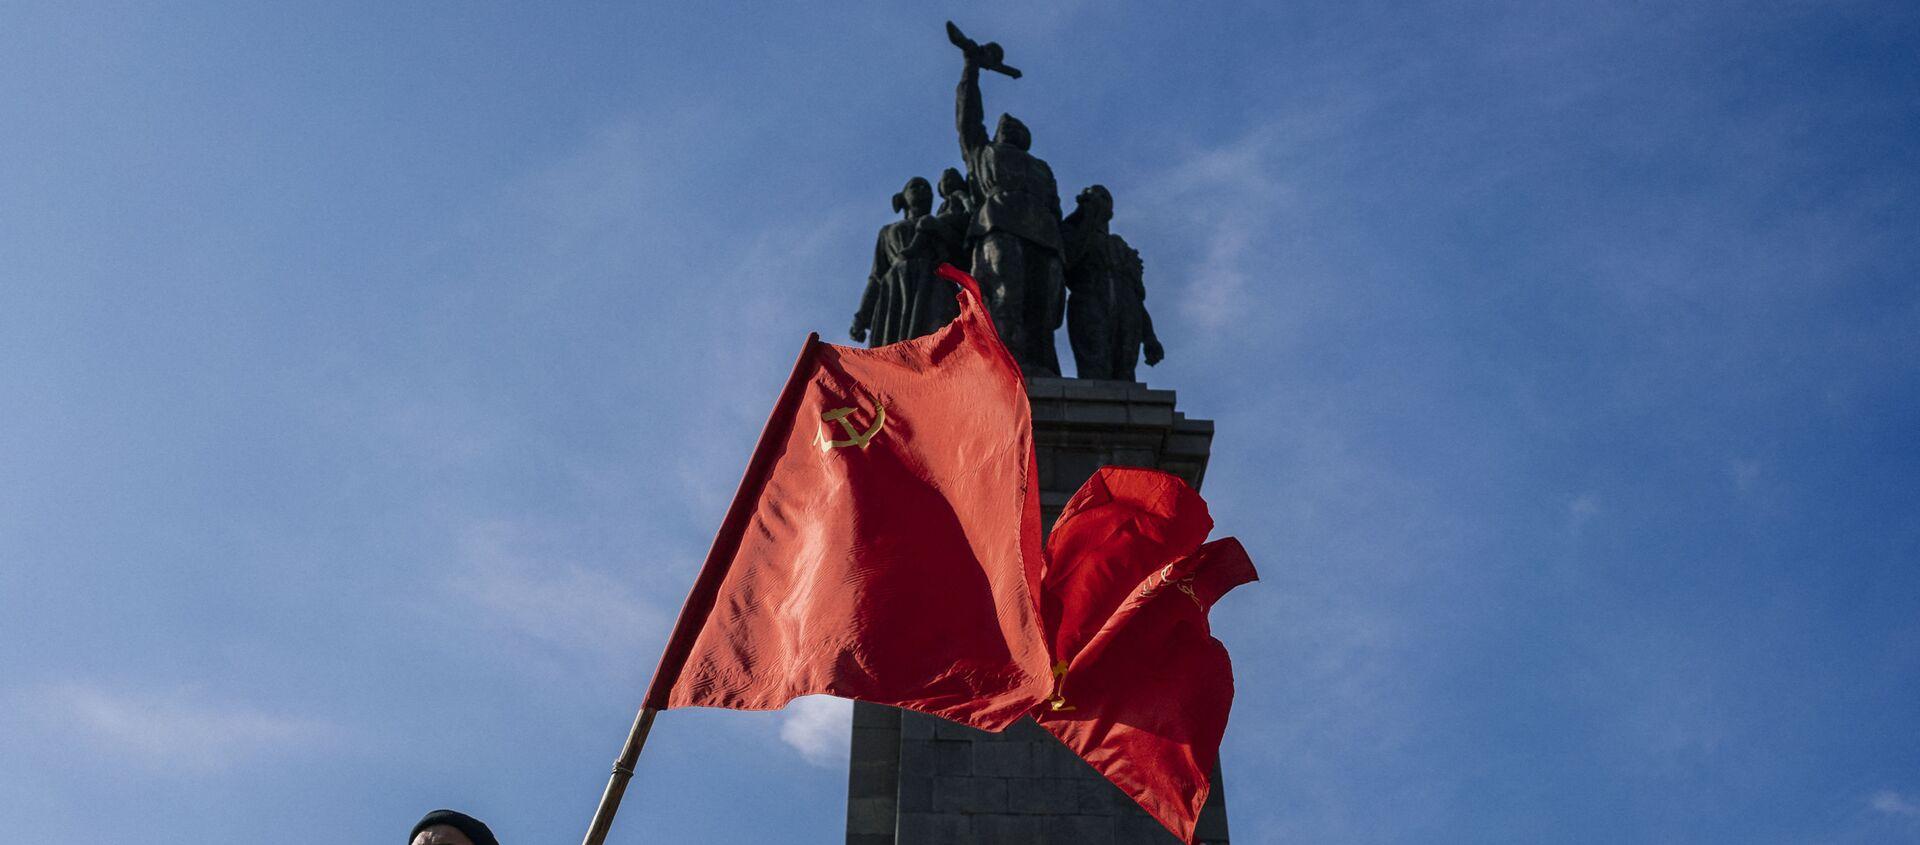 Pomnik Armii Czerwonej w Bułgarii - Sputnik Polska, 1920, 17.05.2021